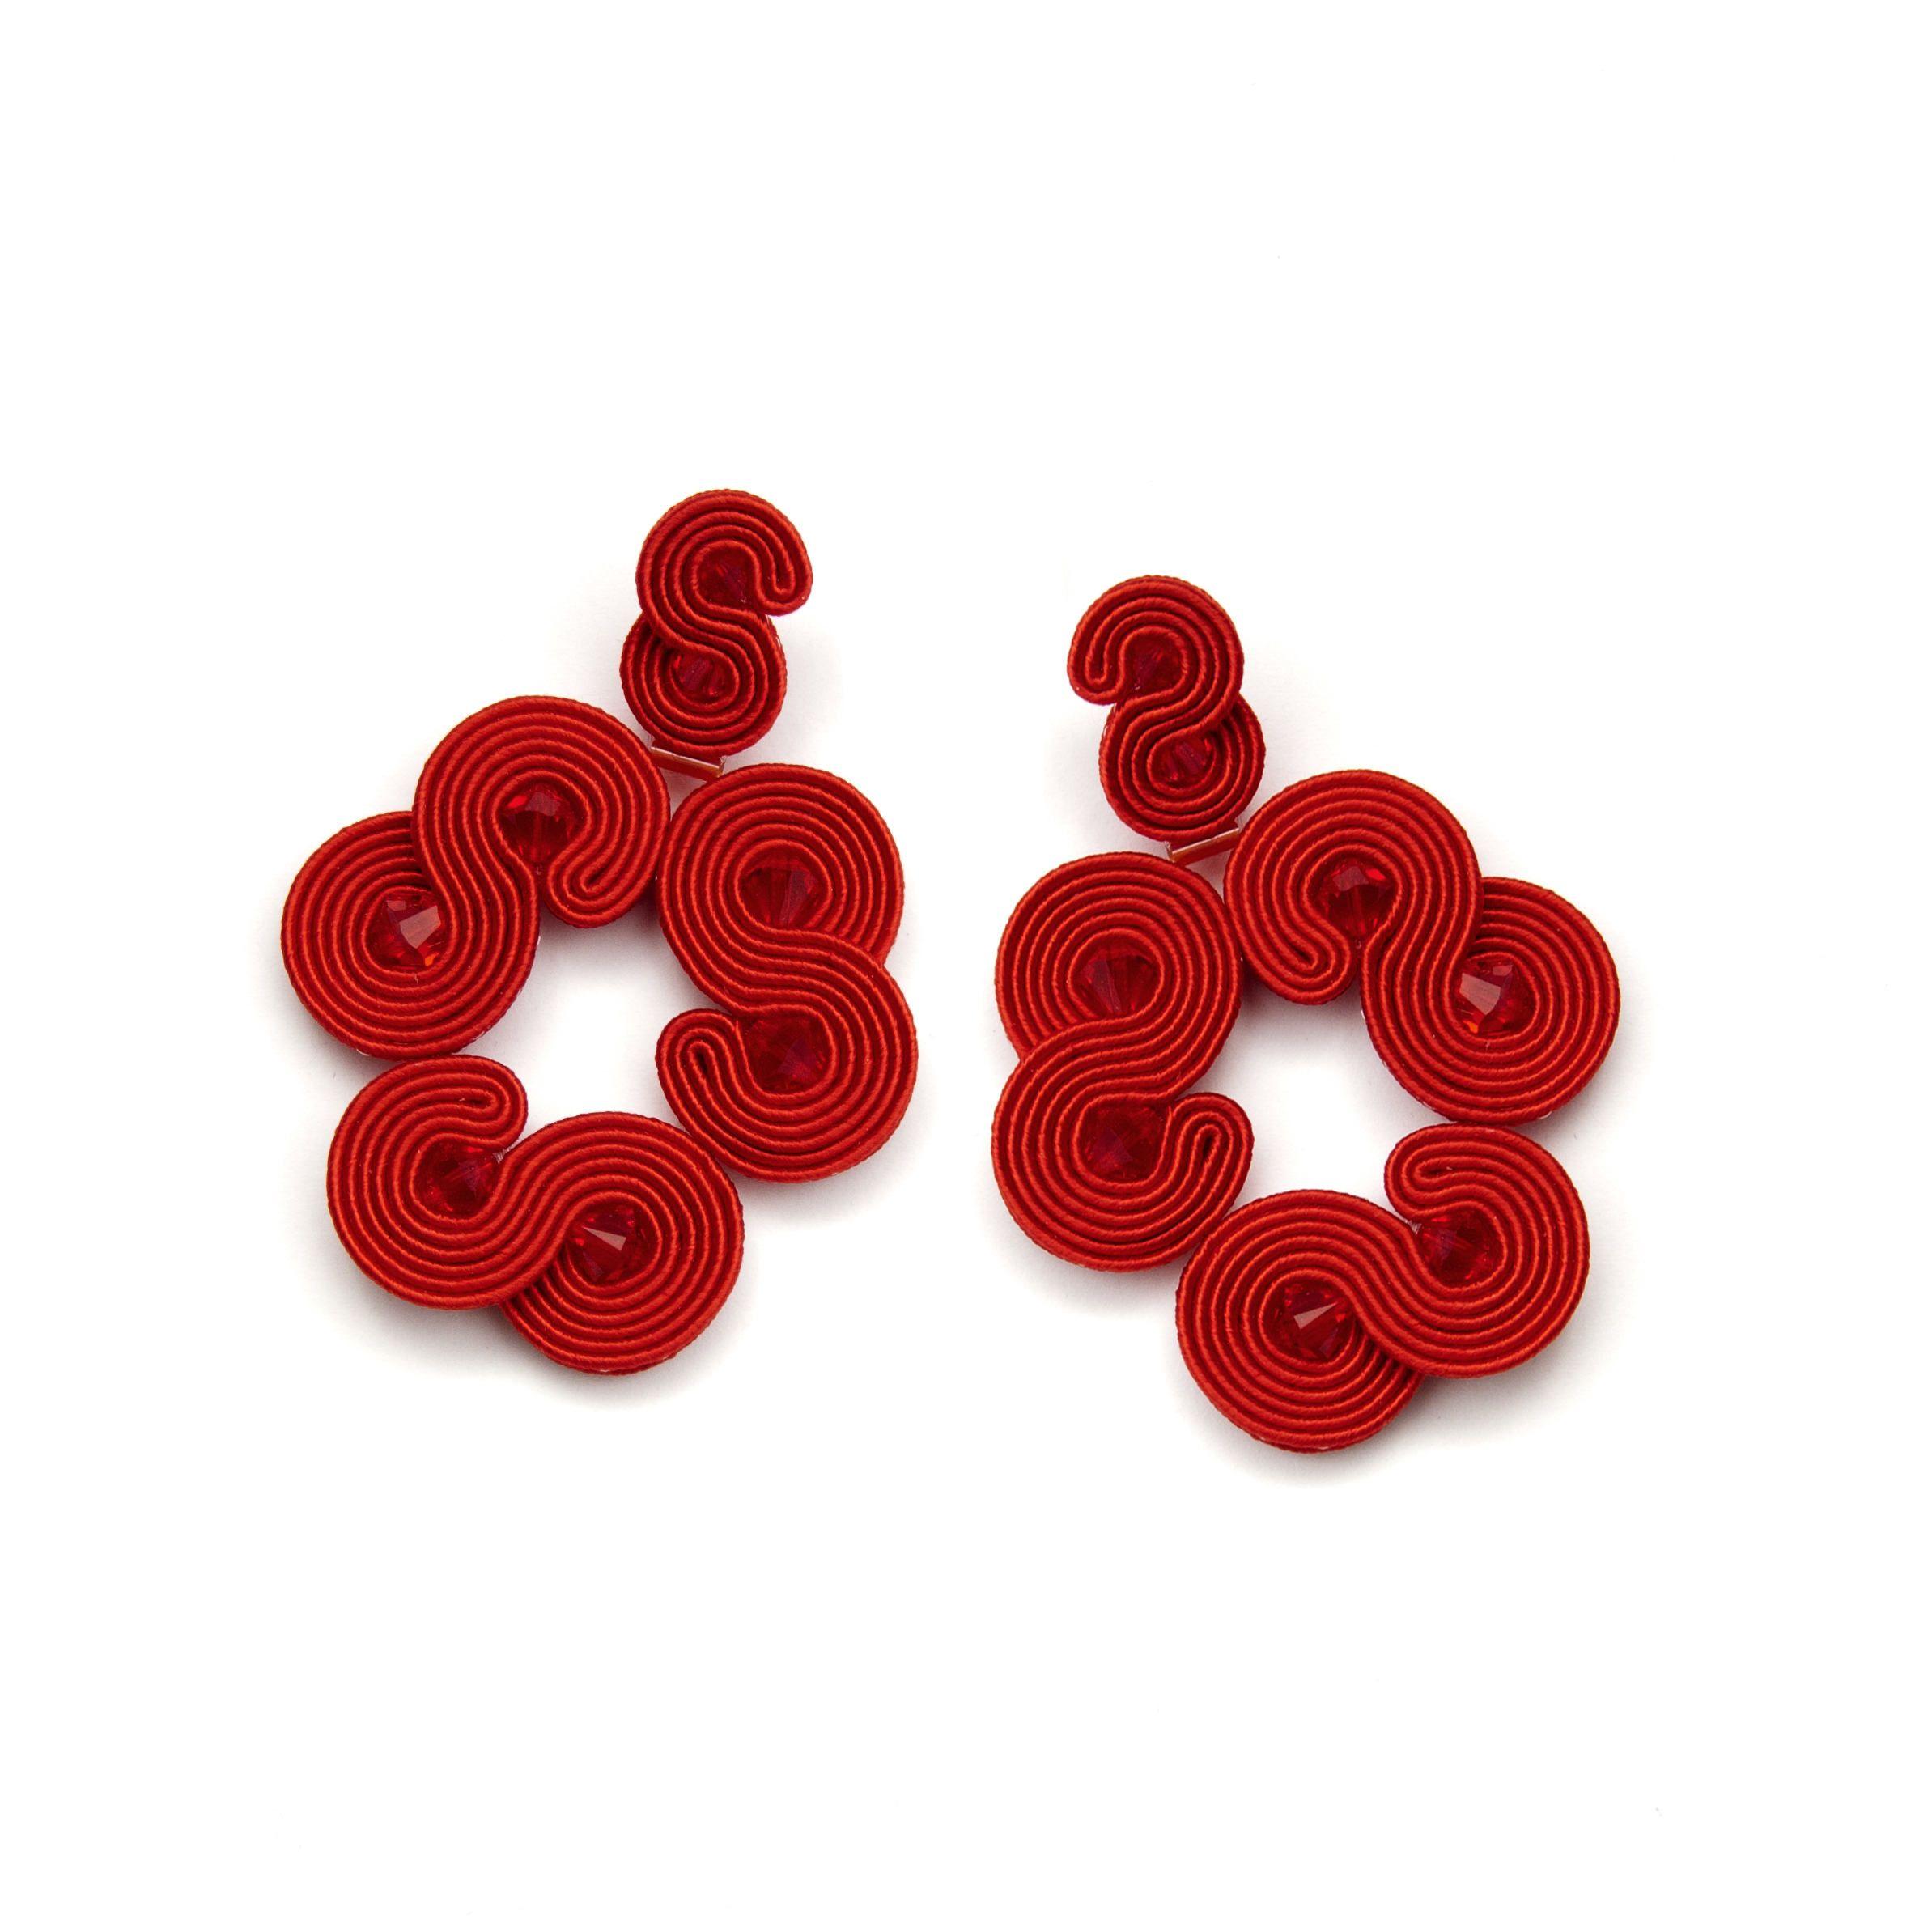 Red chandelier earrings soutache jewellery red crystal large red chandelier earrings soutache jewellery red crystal large aloadofball Choice Image